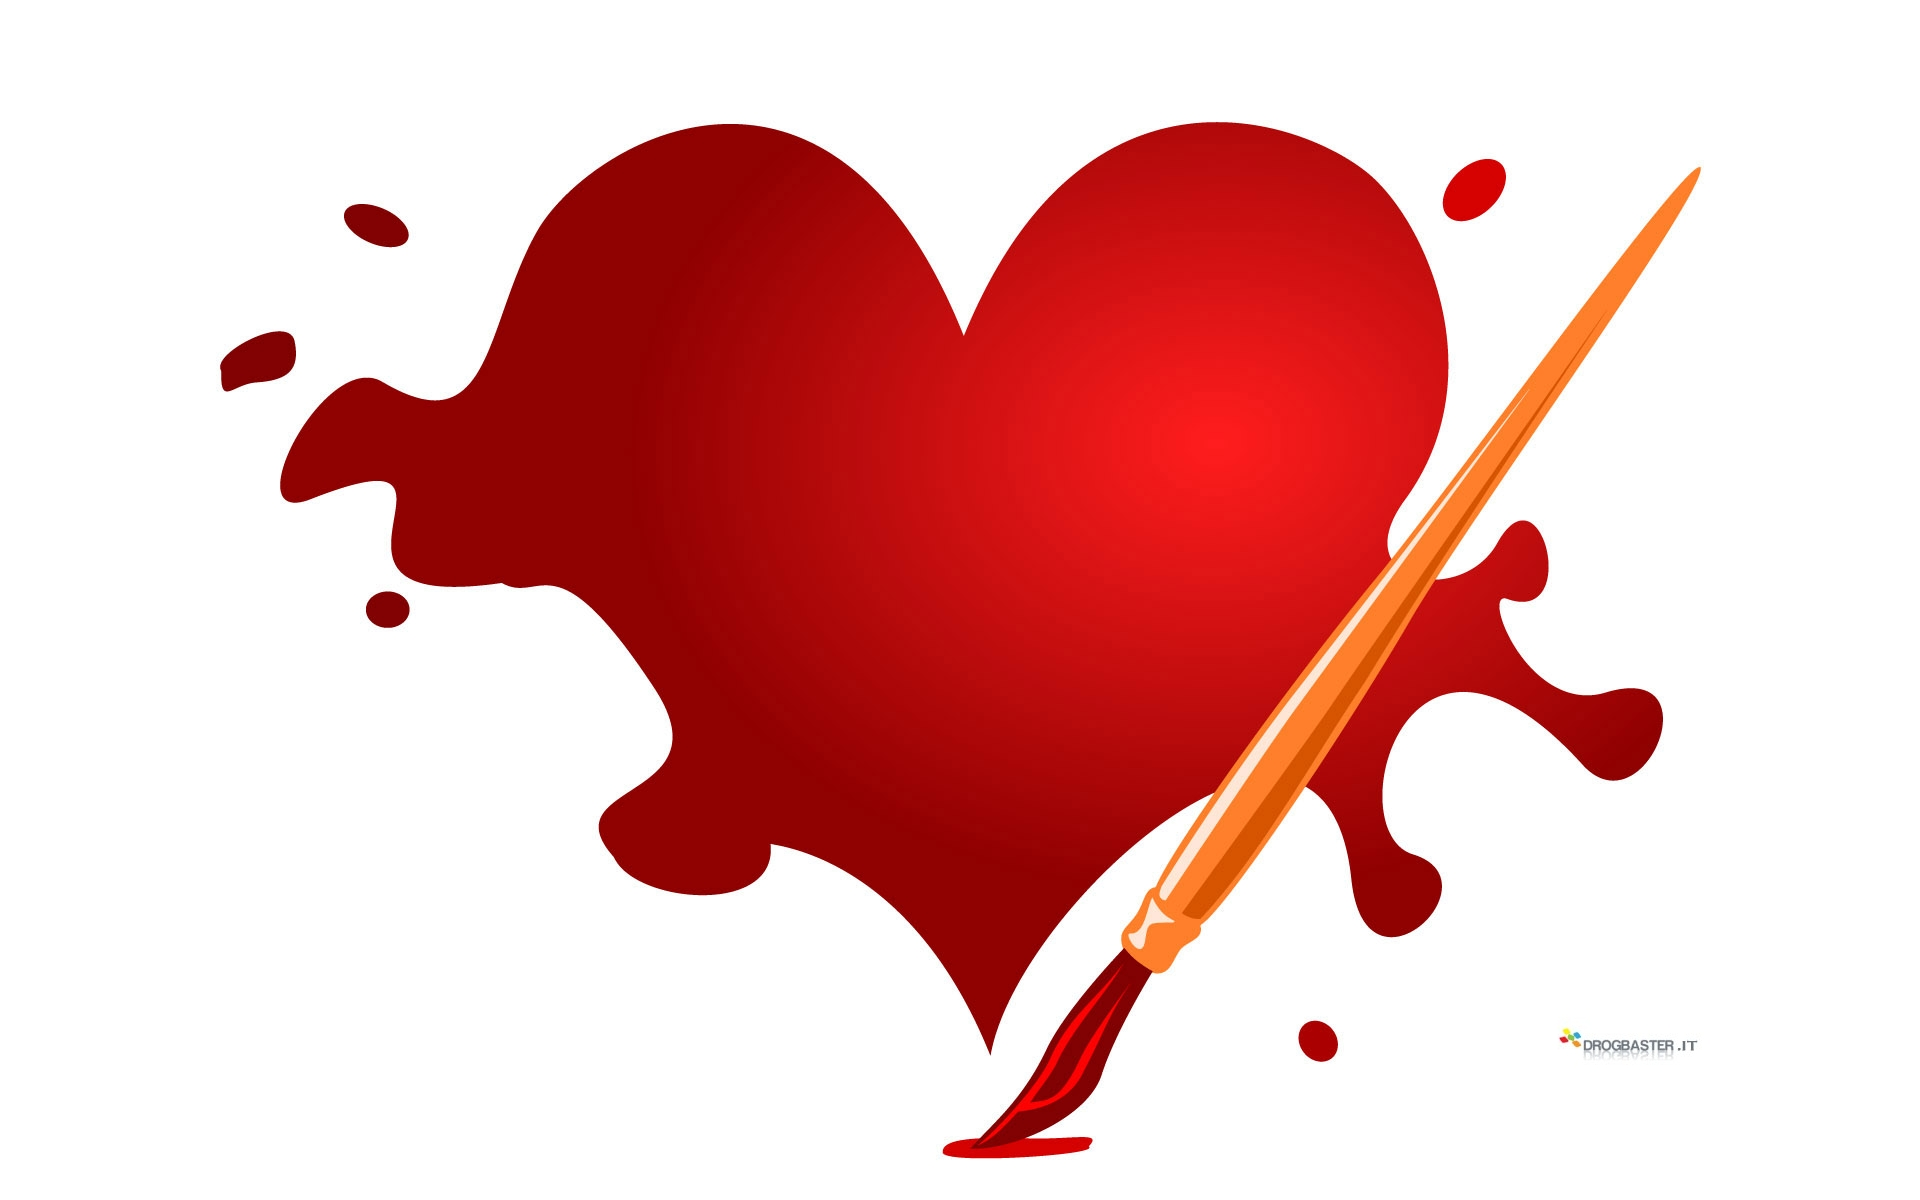 abbastanza Sfondi e wallpapers immagini d'amore San Valentino XY02